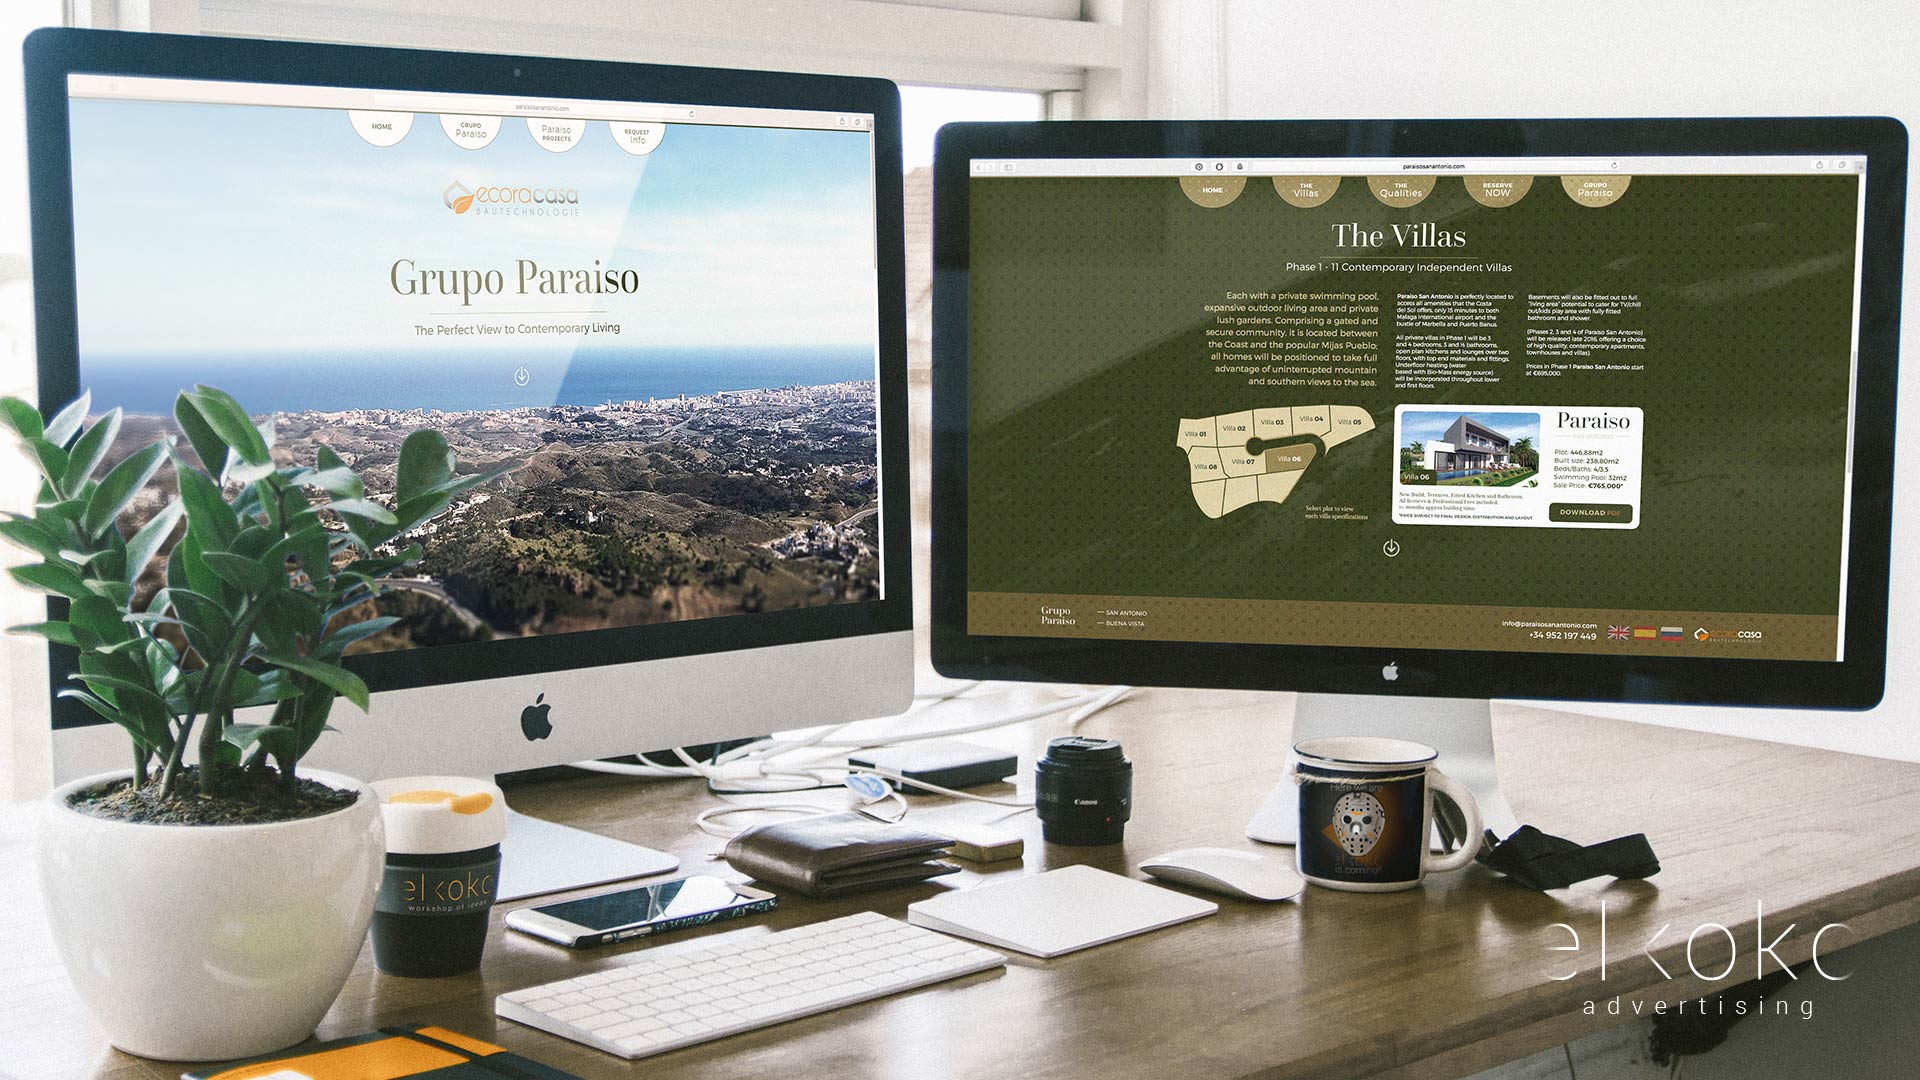 Diseño web en Málaga. Diseño de Estudio creativo málaga. Diseñadores web en Málaga.